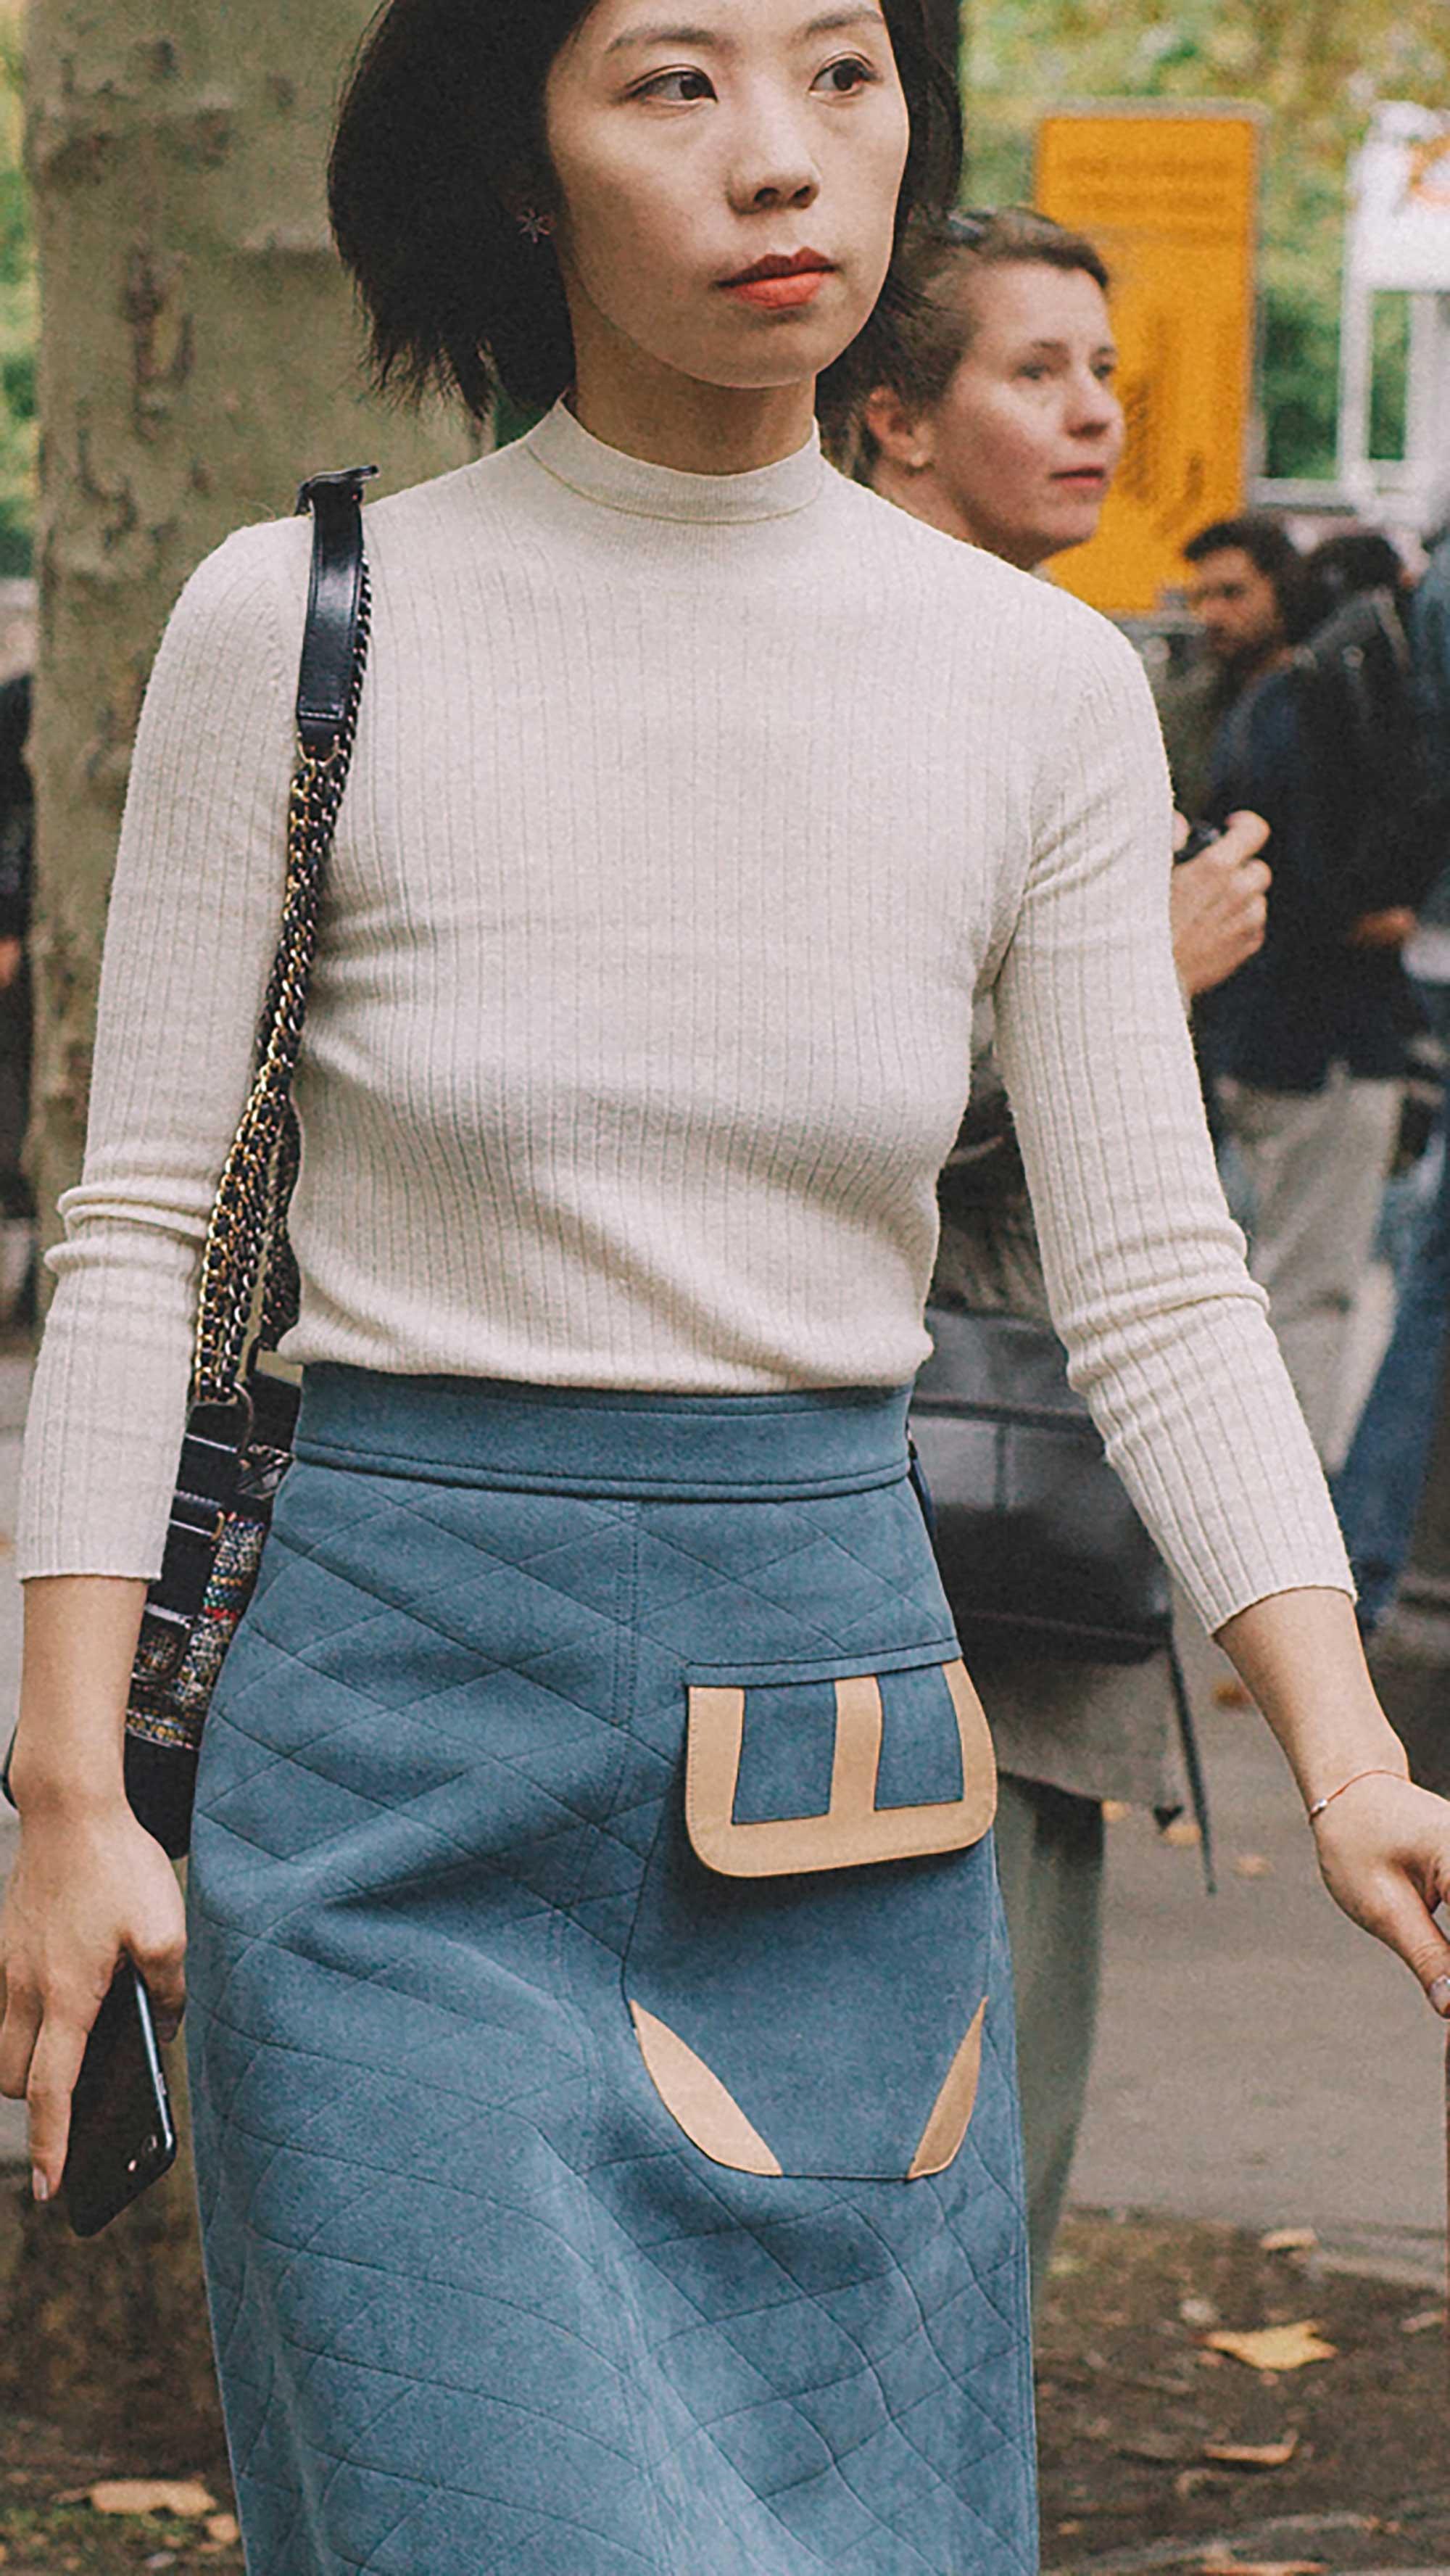 Best outfits of Paris Fashion Week street style 2019 day four PFW SS20 Photo by @J2martinez Jose J. Martinez -46.jpg